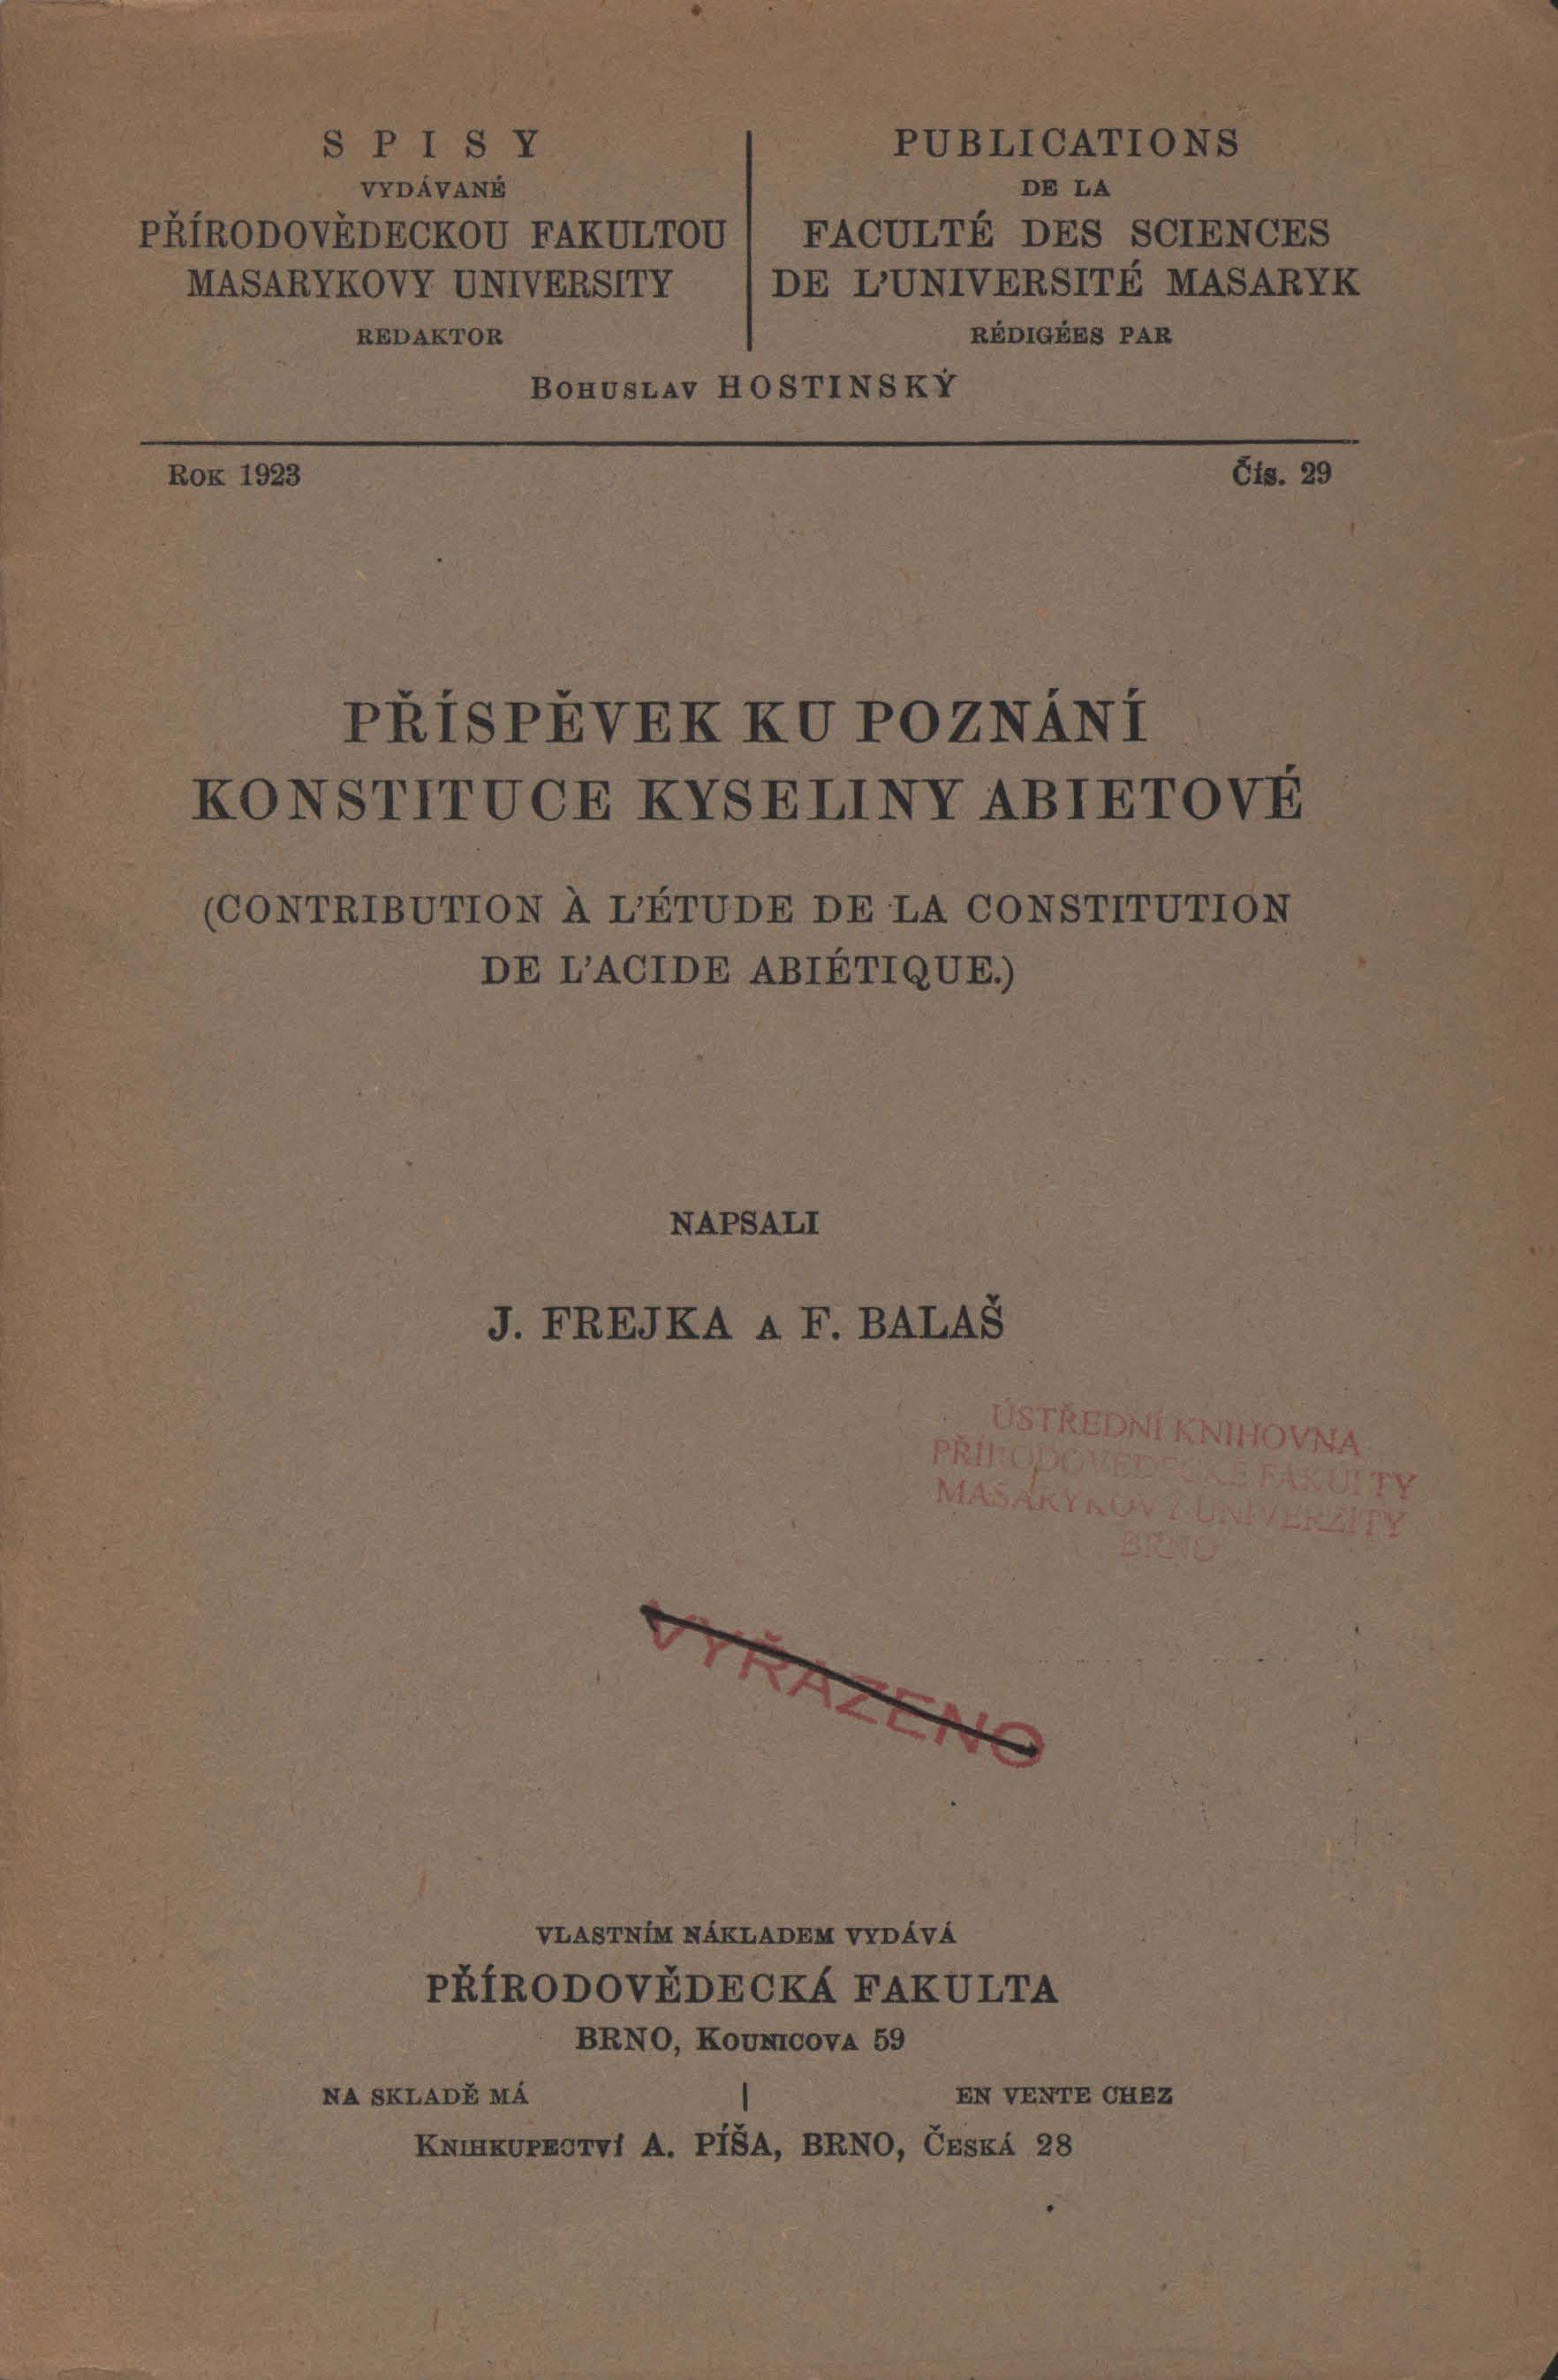 Obálka pro Příspěvek ku poznání konstituce kyseliny abietové